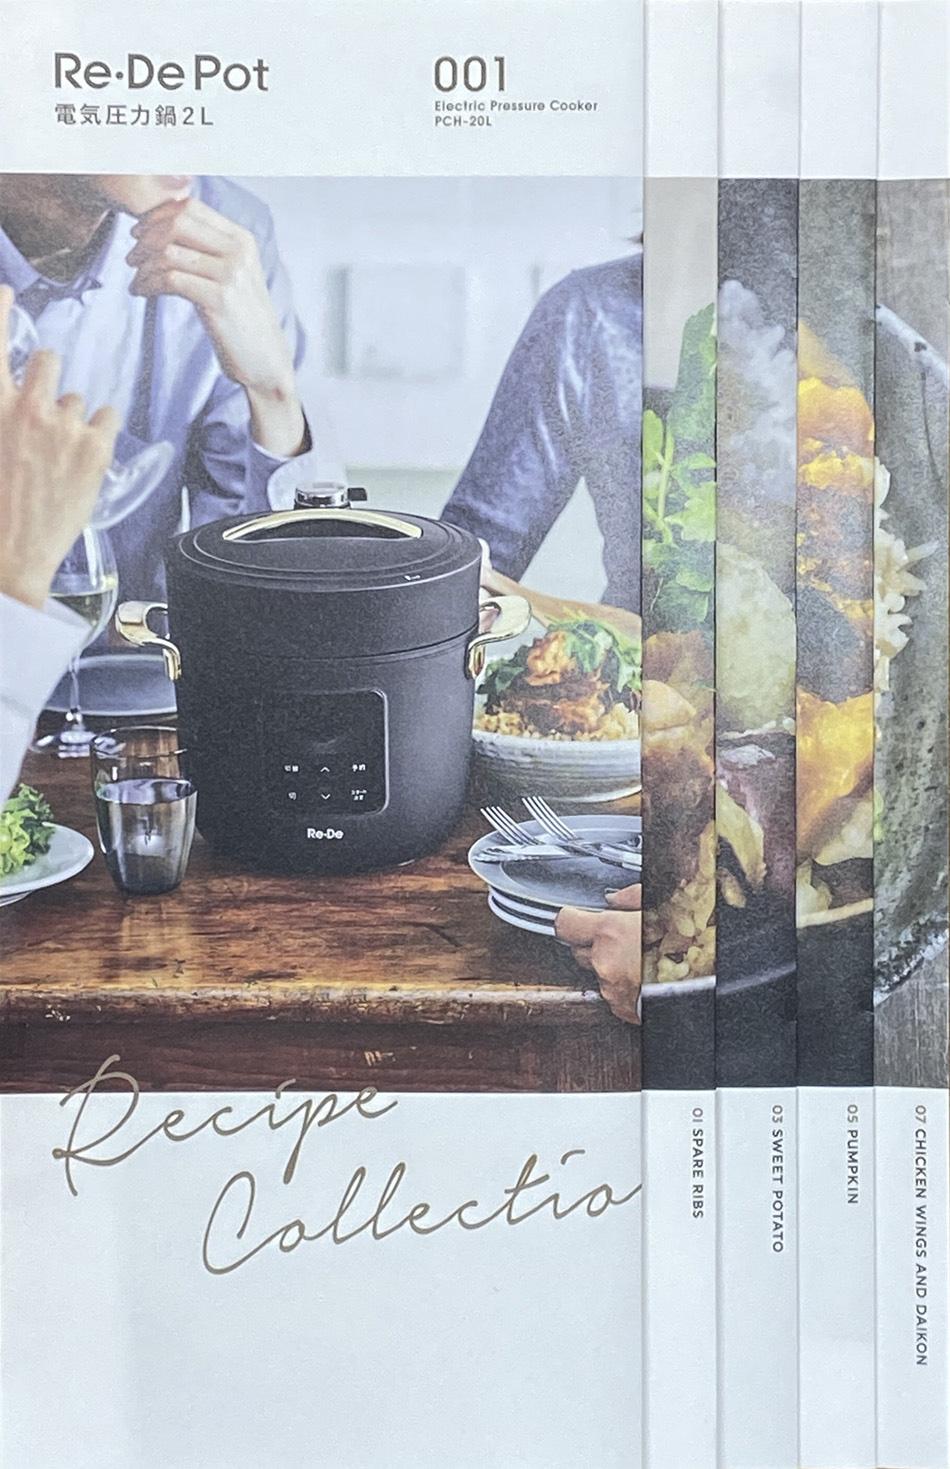 大木慎太郎が電気圧力鍋「リデ ポット(Re・De Pot)」の写真を撮りおろしました